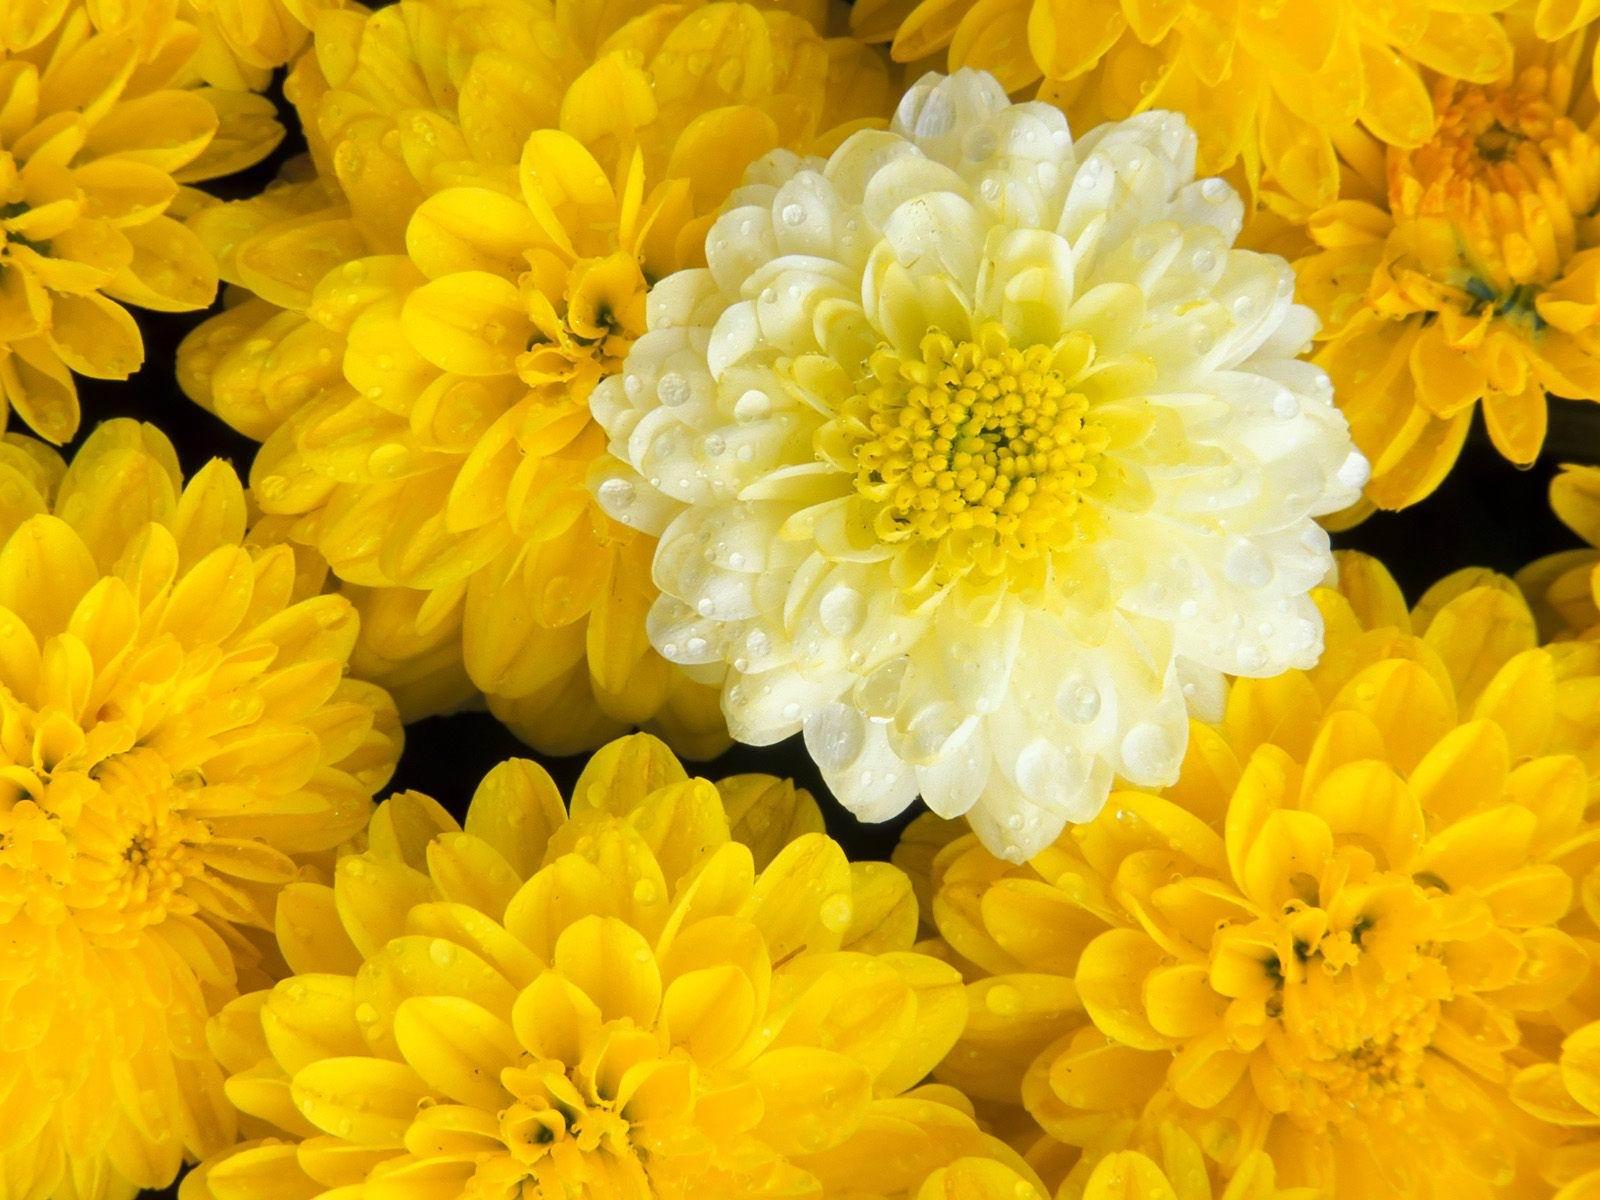 بالصور تحميل صور ورد , صور ورد طبيعي وبلاستيك جميل و اخر شياكة 3536 5